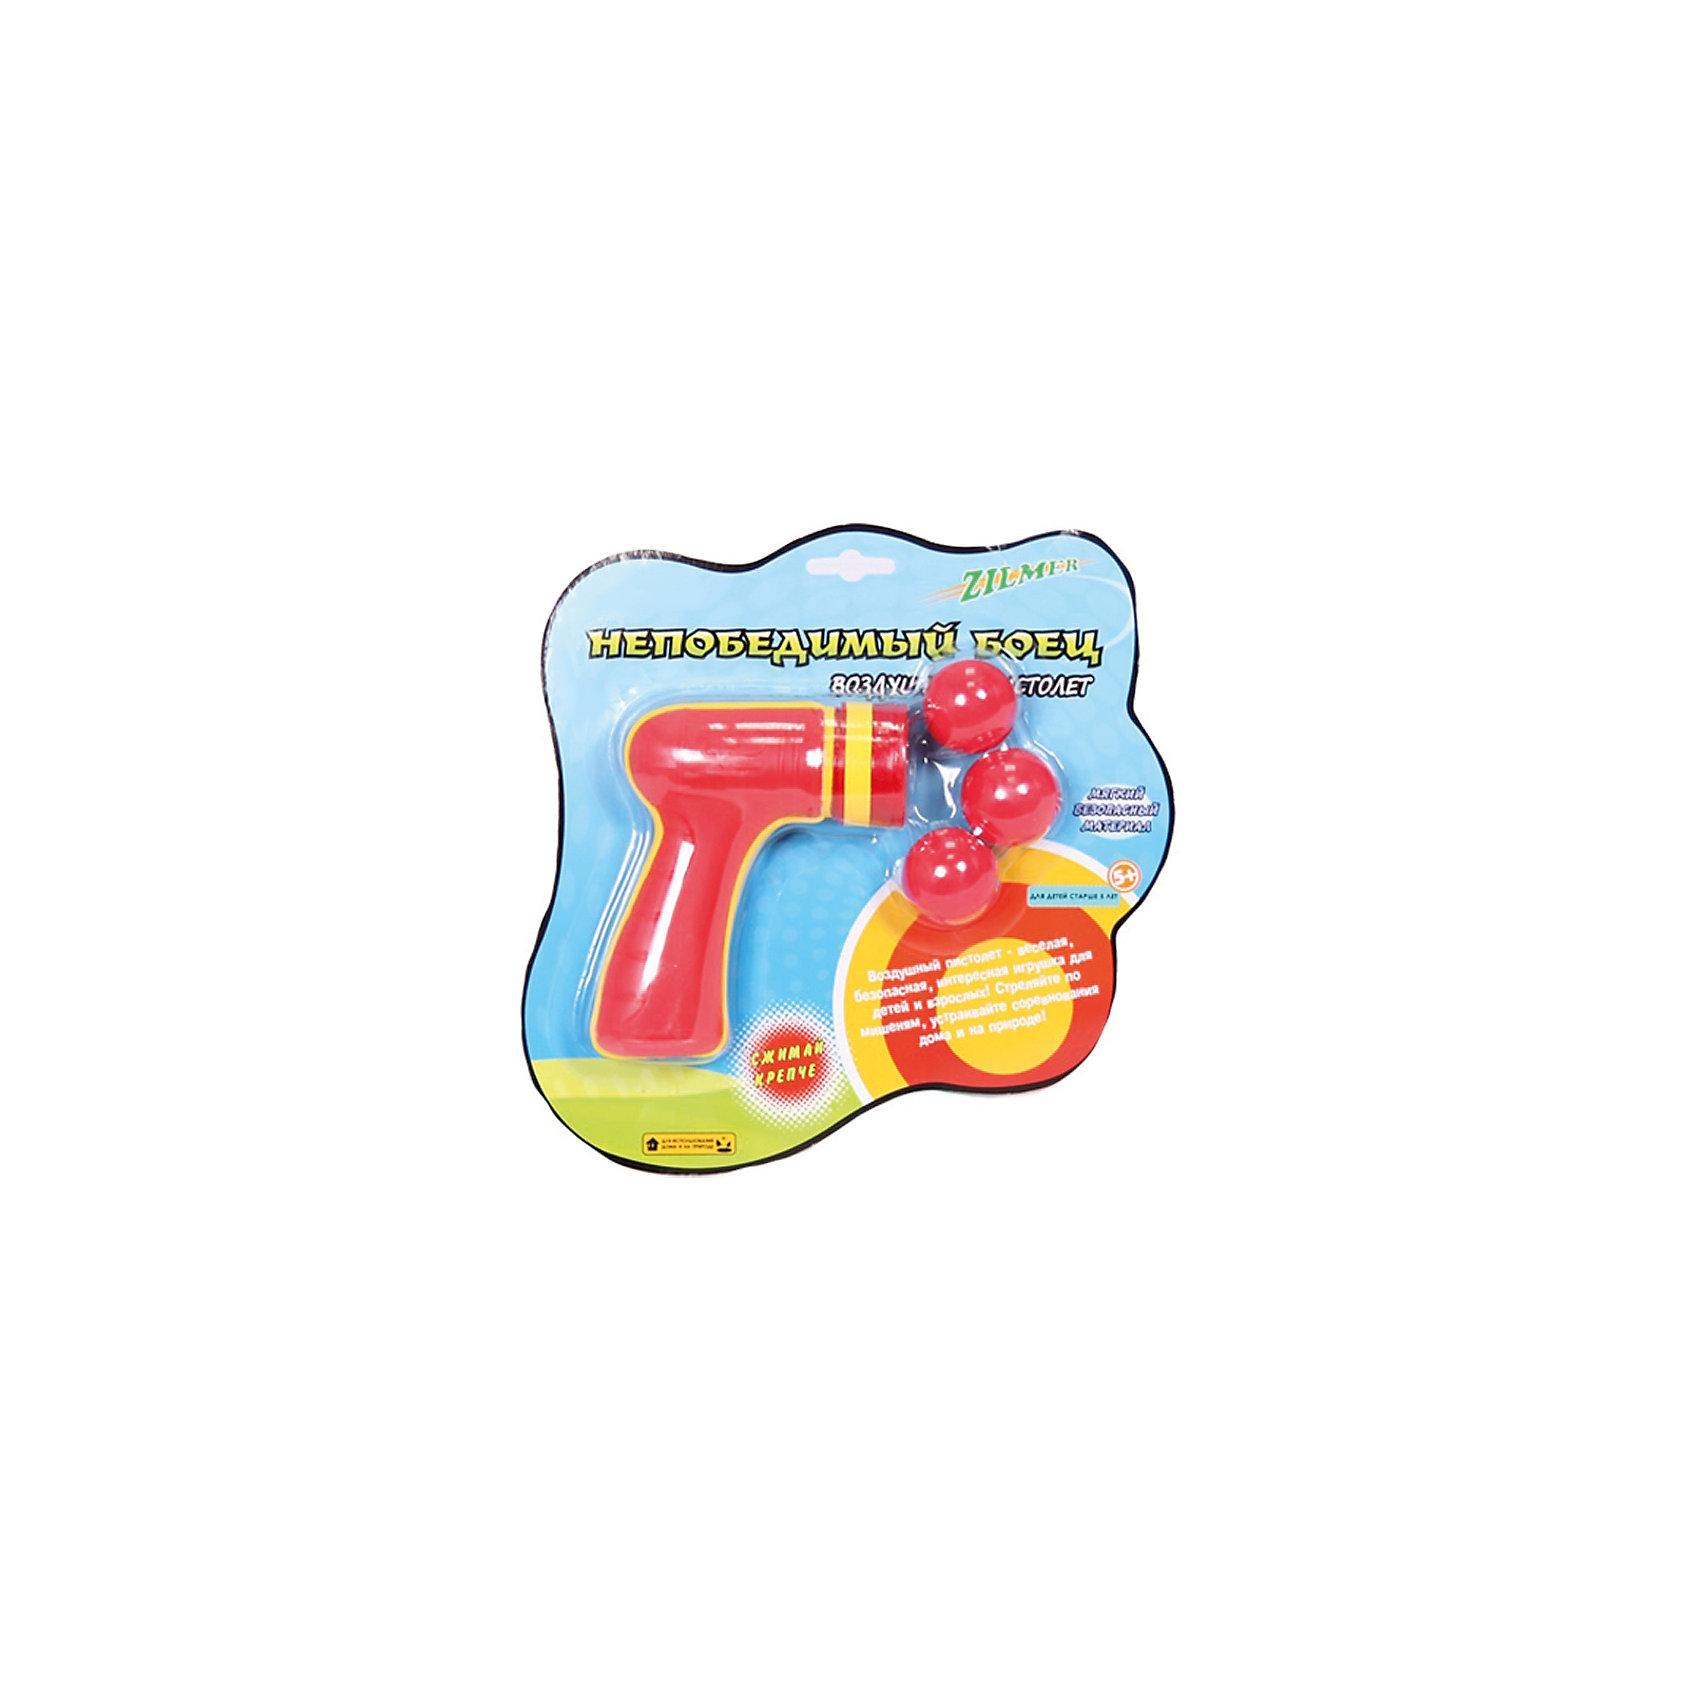 Воздушный пистолет Непобедимый боец (в комплекте три шарика), ZilmerВоздушный пистолет Непобедимый боец, Zilmer - прекрасный вариант для активных игр на улице. Пистолет выполнен в ярком красочном дизайне и имеет удобную эргономичную форму, хорошо помещается в руке. Стреляет мягкими безопасными шариками из качественного экологичного материала (в комплекте три шарика). Вставьте шарик в дуло пистолета и крепко сожмите ручку. Чем сильнее Вы сожмете воздушное оружие, тем выше и быстрее полетит пуля. Дальность стрельбы - до 8 метров. Игрушка развивает зрительно-тактильное восприятие, меткость, ловкость, внимательность и мелкую моторику.<br><br>Дополнительная информация:<br><br>- В комплекте: воздушный пистолет, 3 шарика.<br>- Материал: пластик, поролон Eva. <br>- Размер упаковки: 28 х 21 х 4 см.<br>- Вес: 79 гр.<br> <br>Воздушный пистолет Непобедимый боец (в комплекте три шарика), Zilmer, можно купить в нашем интернет-магазине.<br><br>Ширина мм: 285<br>Глубина мм: 215<br>Высота мм: 46<br>Вес г: 142<br>Возраст от месяцев: 36<br>Возраст до месяцев: 72<br>Пол: Мужской<br>Возраст: Детский<br>SKU: 4622207